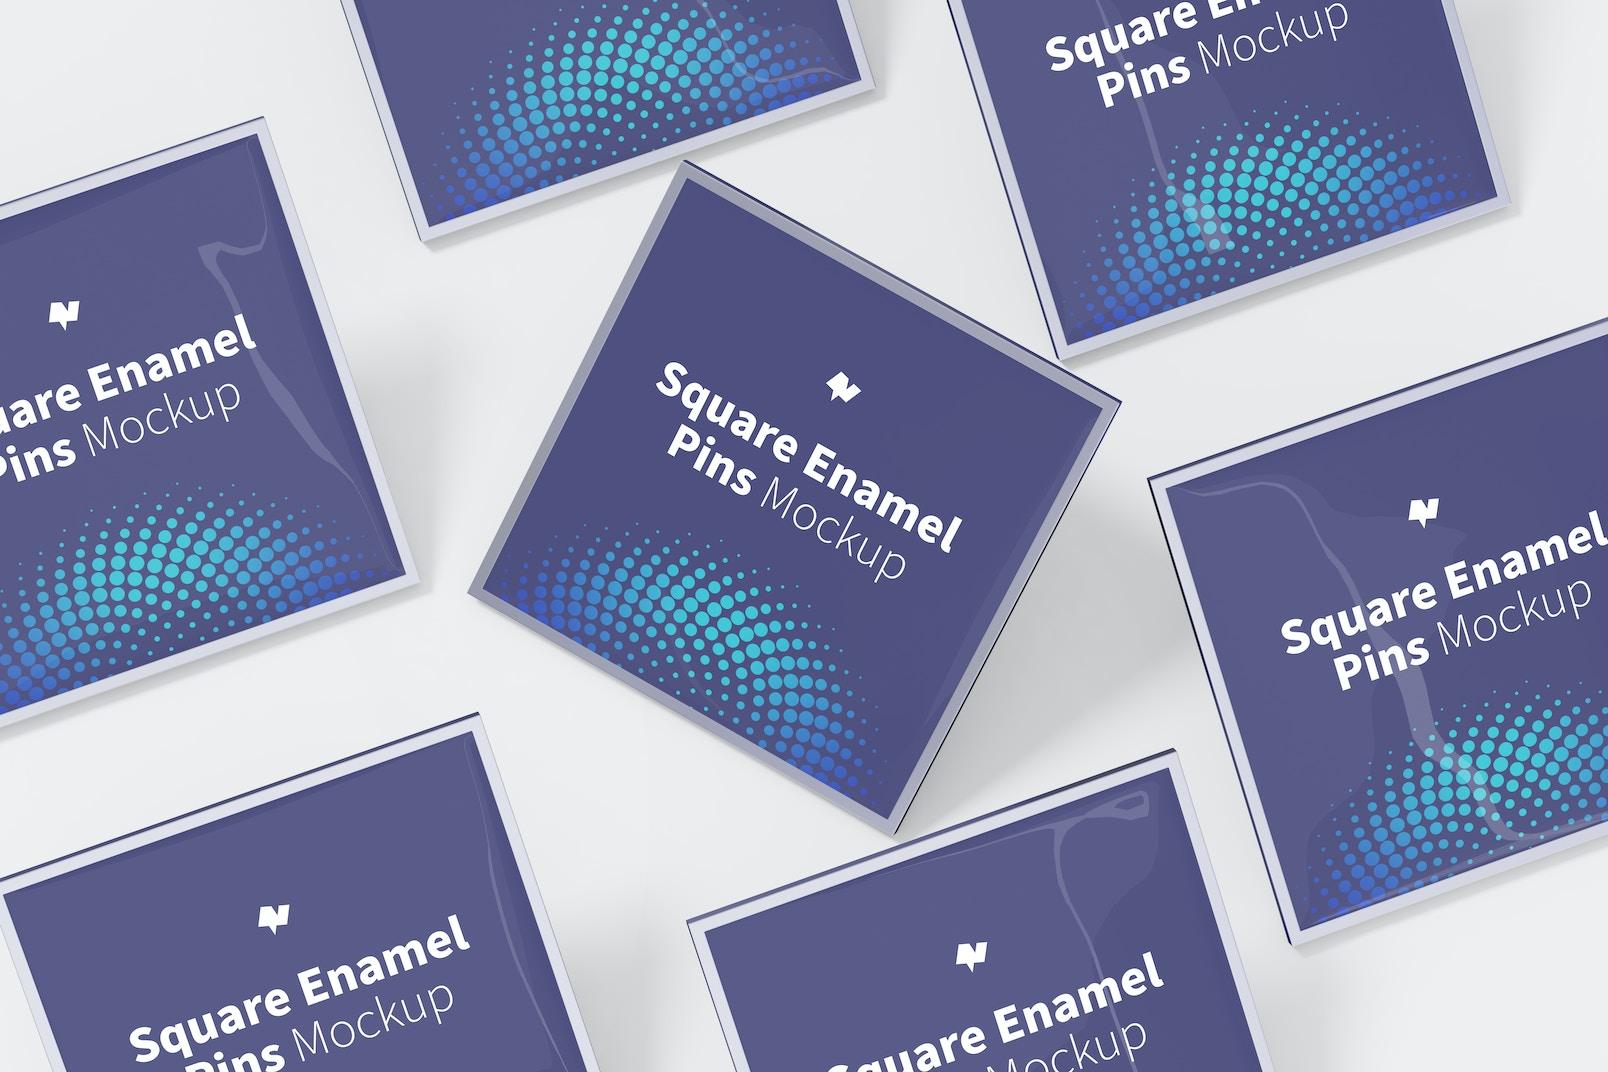 Square Enamel Pin Set Mockup